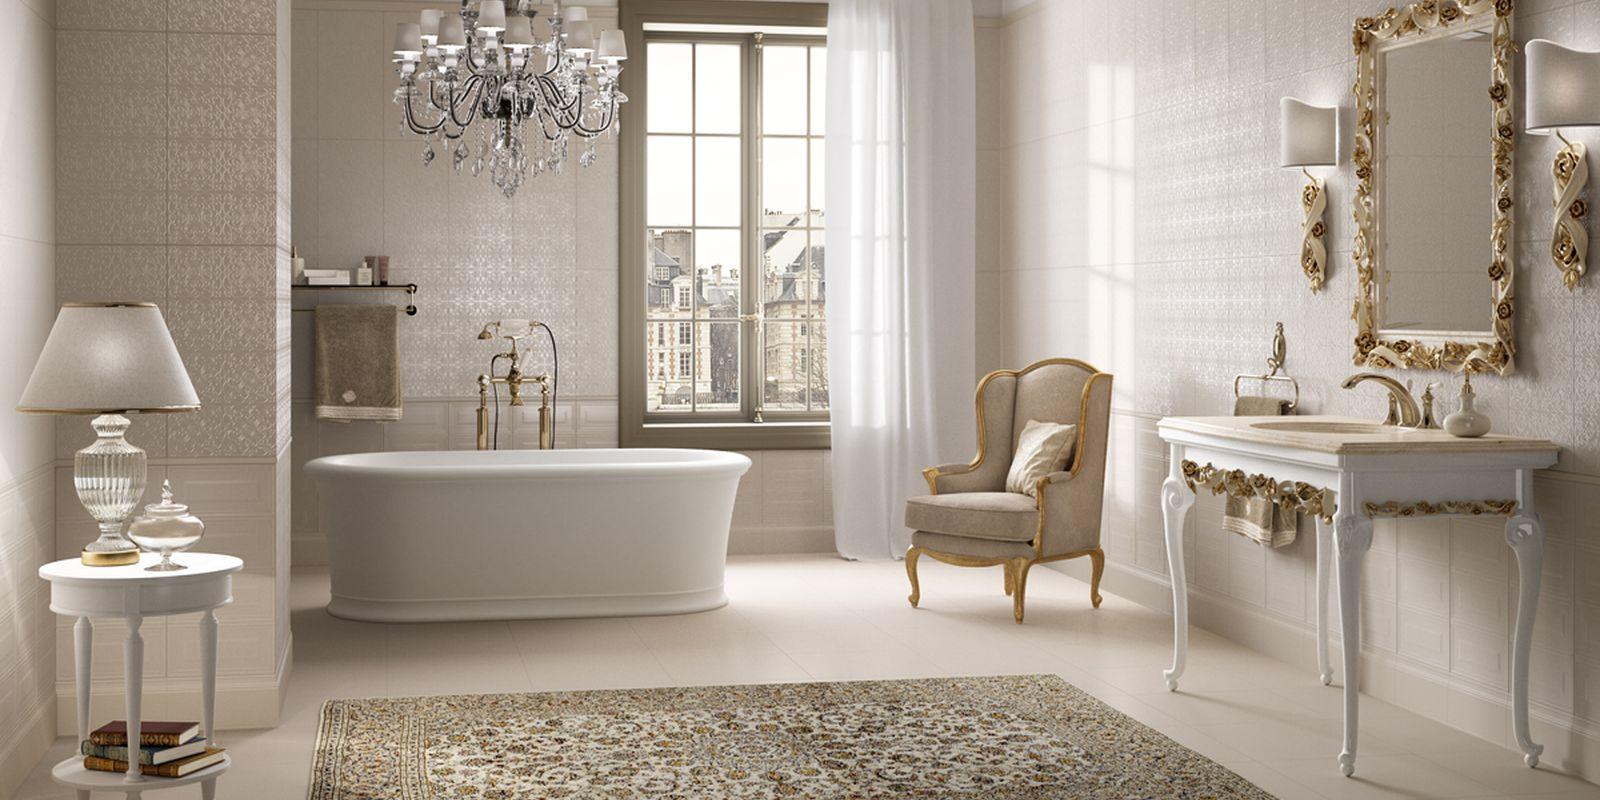 Piastrelle effetto tessuto per un bagno decor